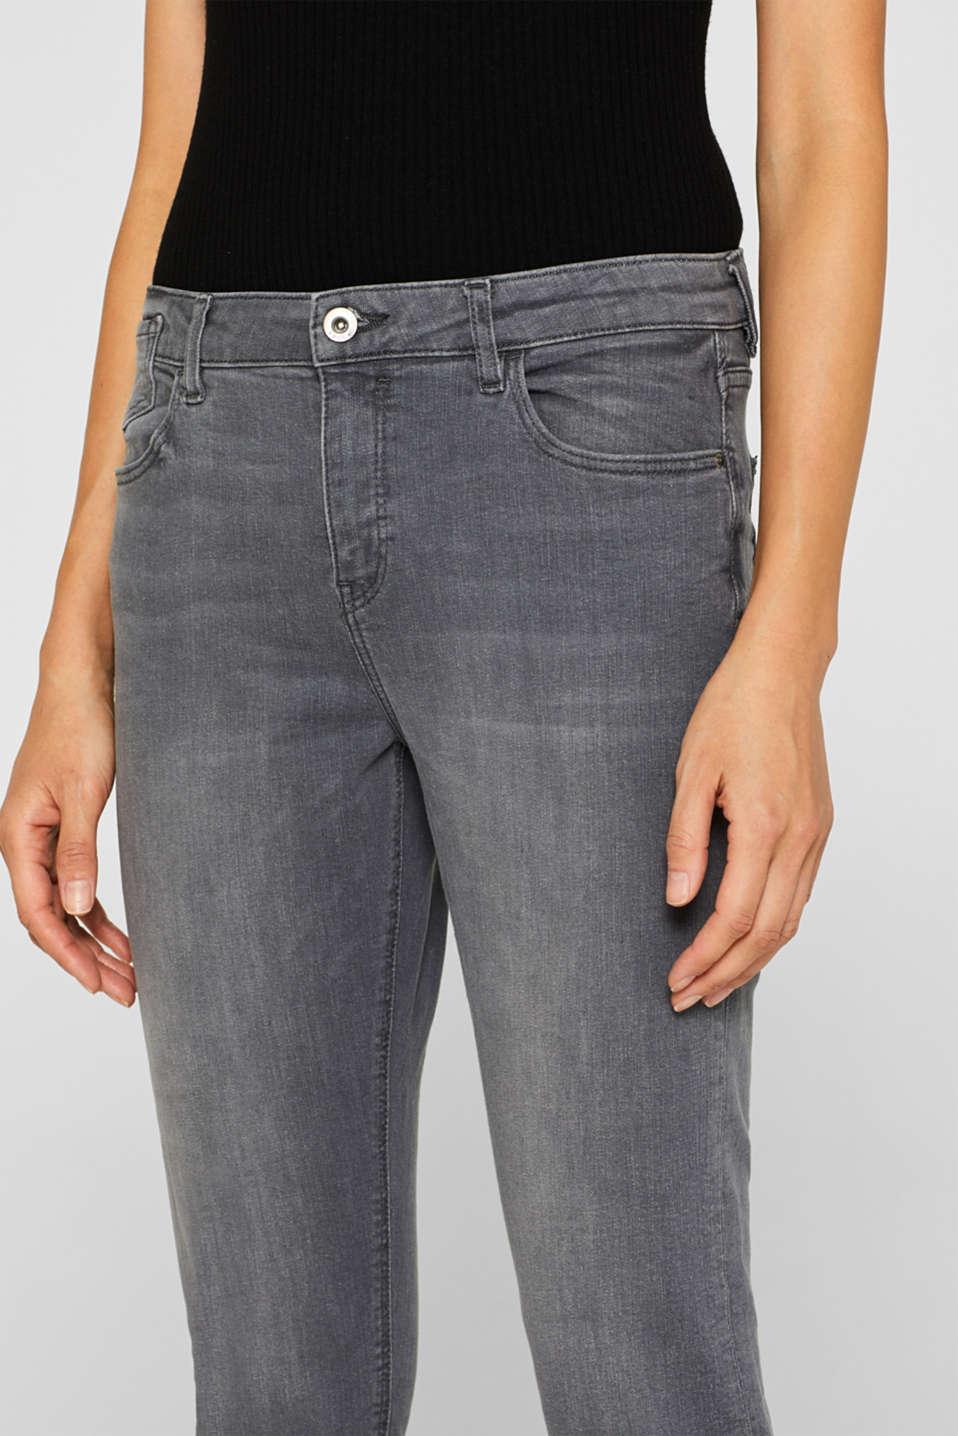 Pants denim, GREY LIGHT WASH, detail image number 2